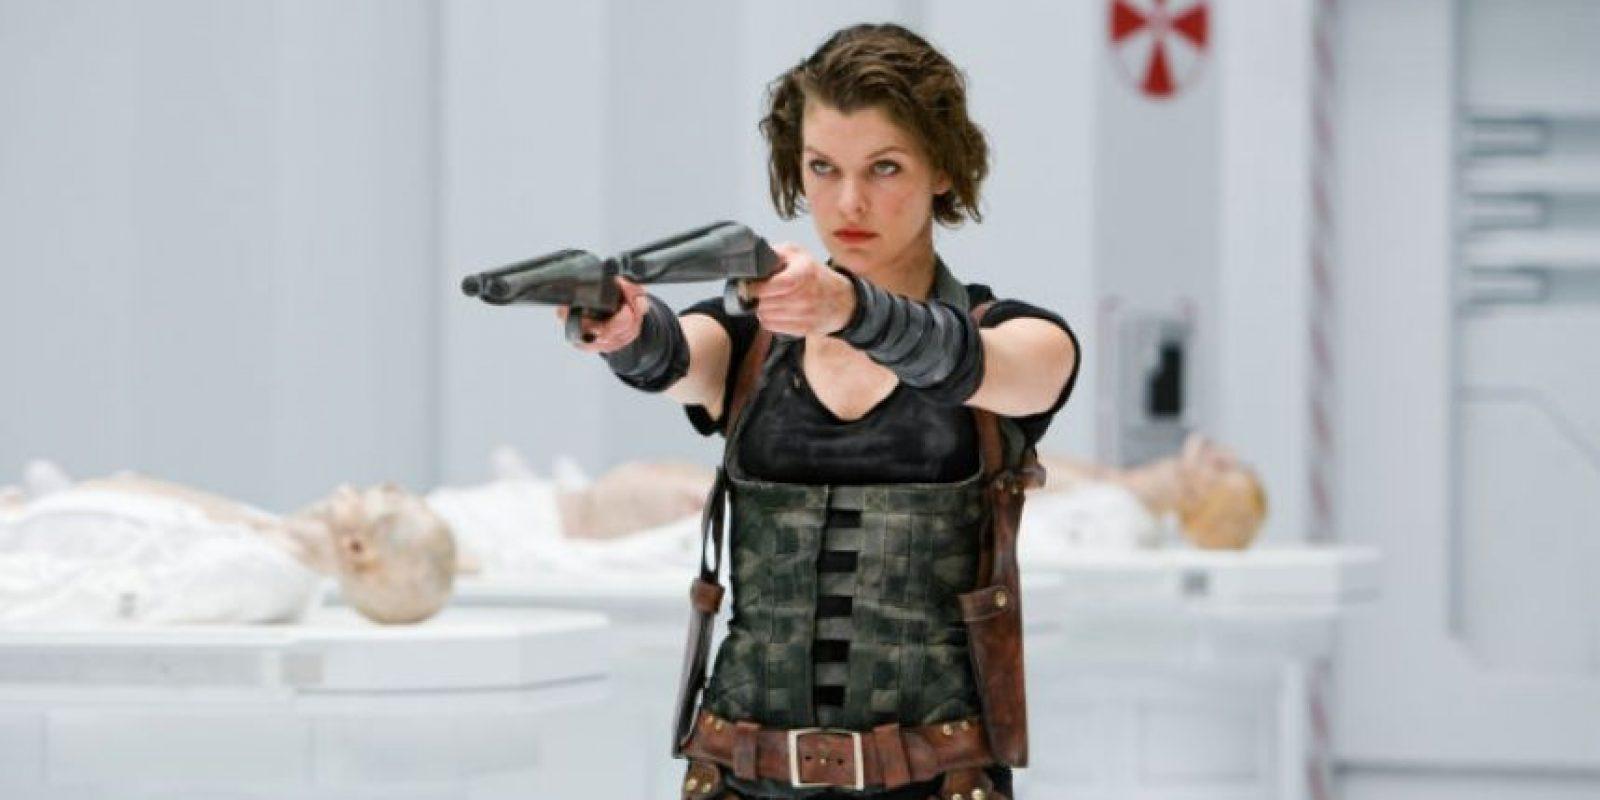 """La segunda entrega de esta saga presenta a """"Alice"""" (Milla Jovovich) como la única persona inmune al """"virus-T"""", una invención de la compañía """"Umbrella"""", que ha convertido a miles de personas en zombis. Foto:Facebook/Resident Evil"""